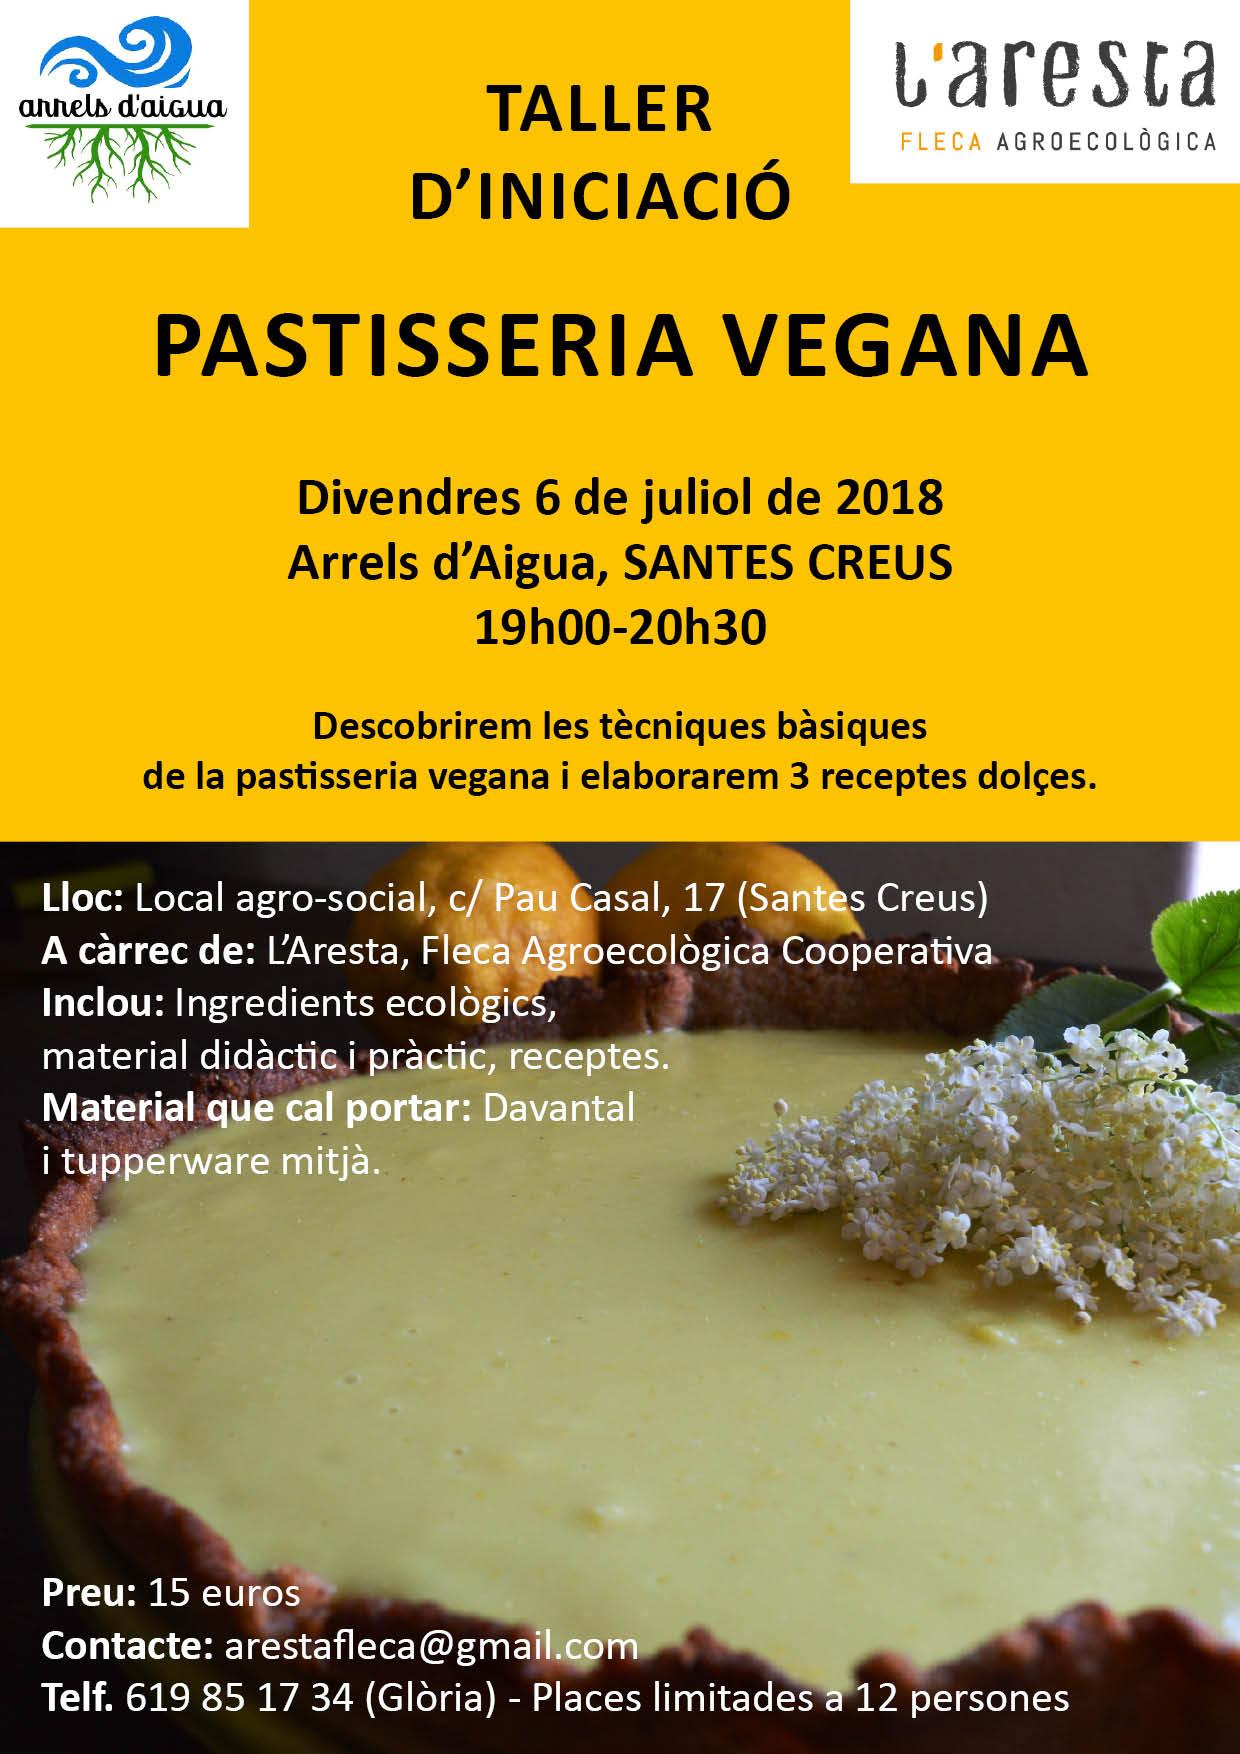 Taller de pastisseria vegana 06.08.18b